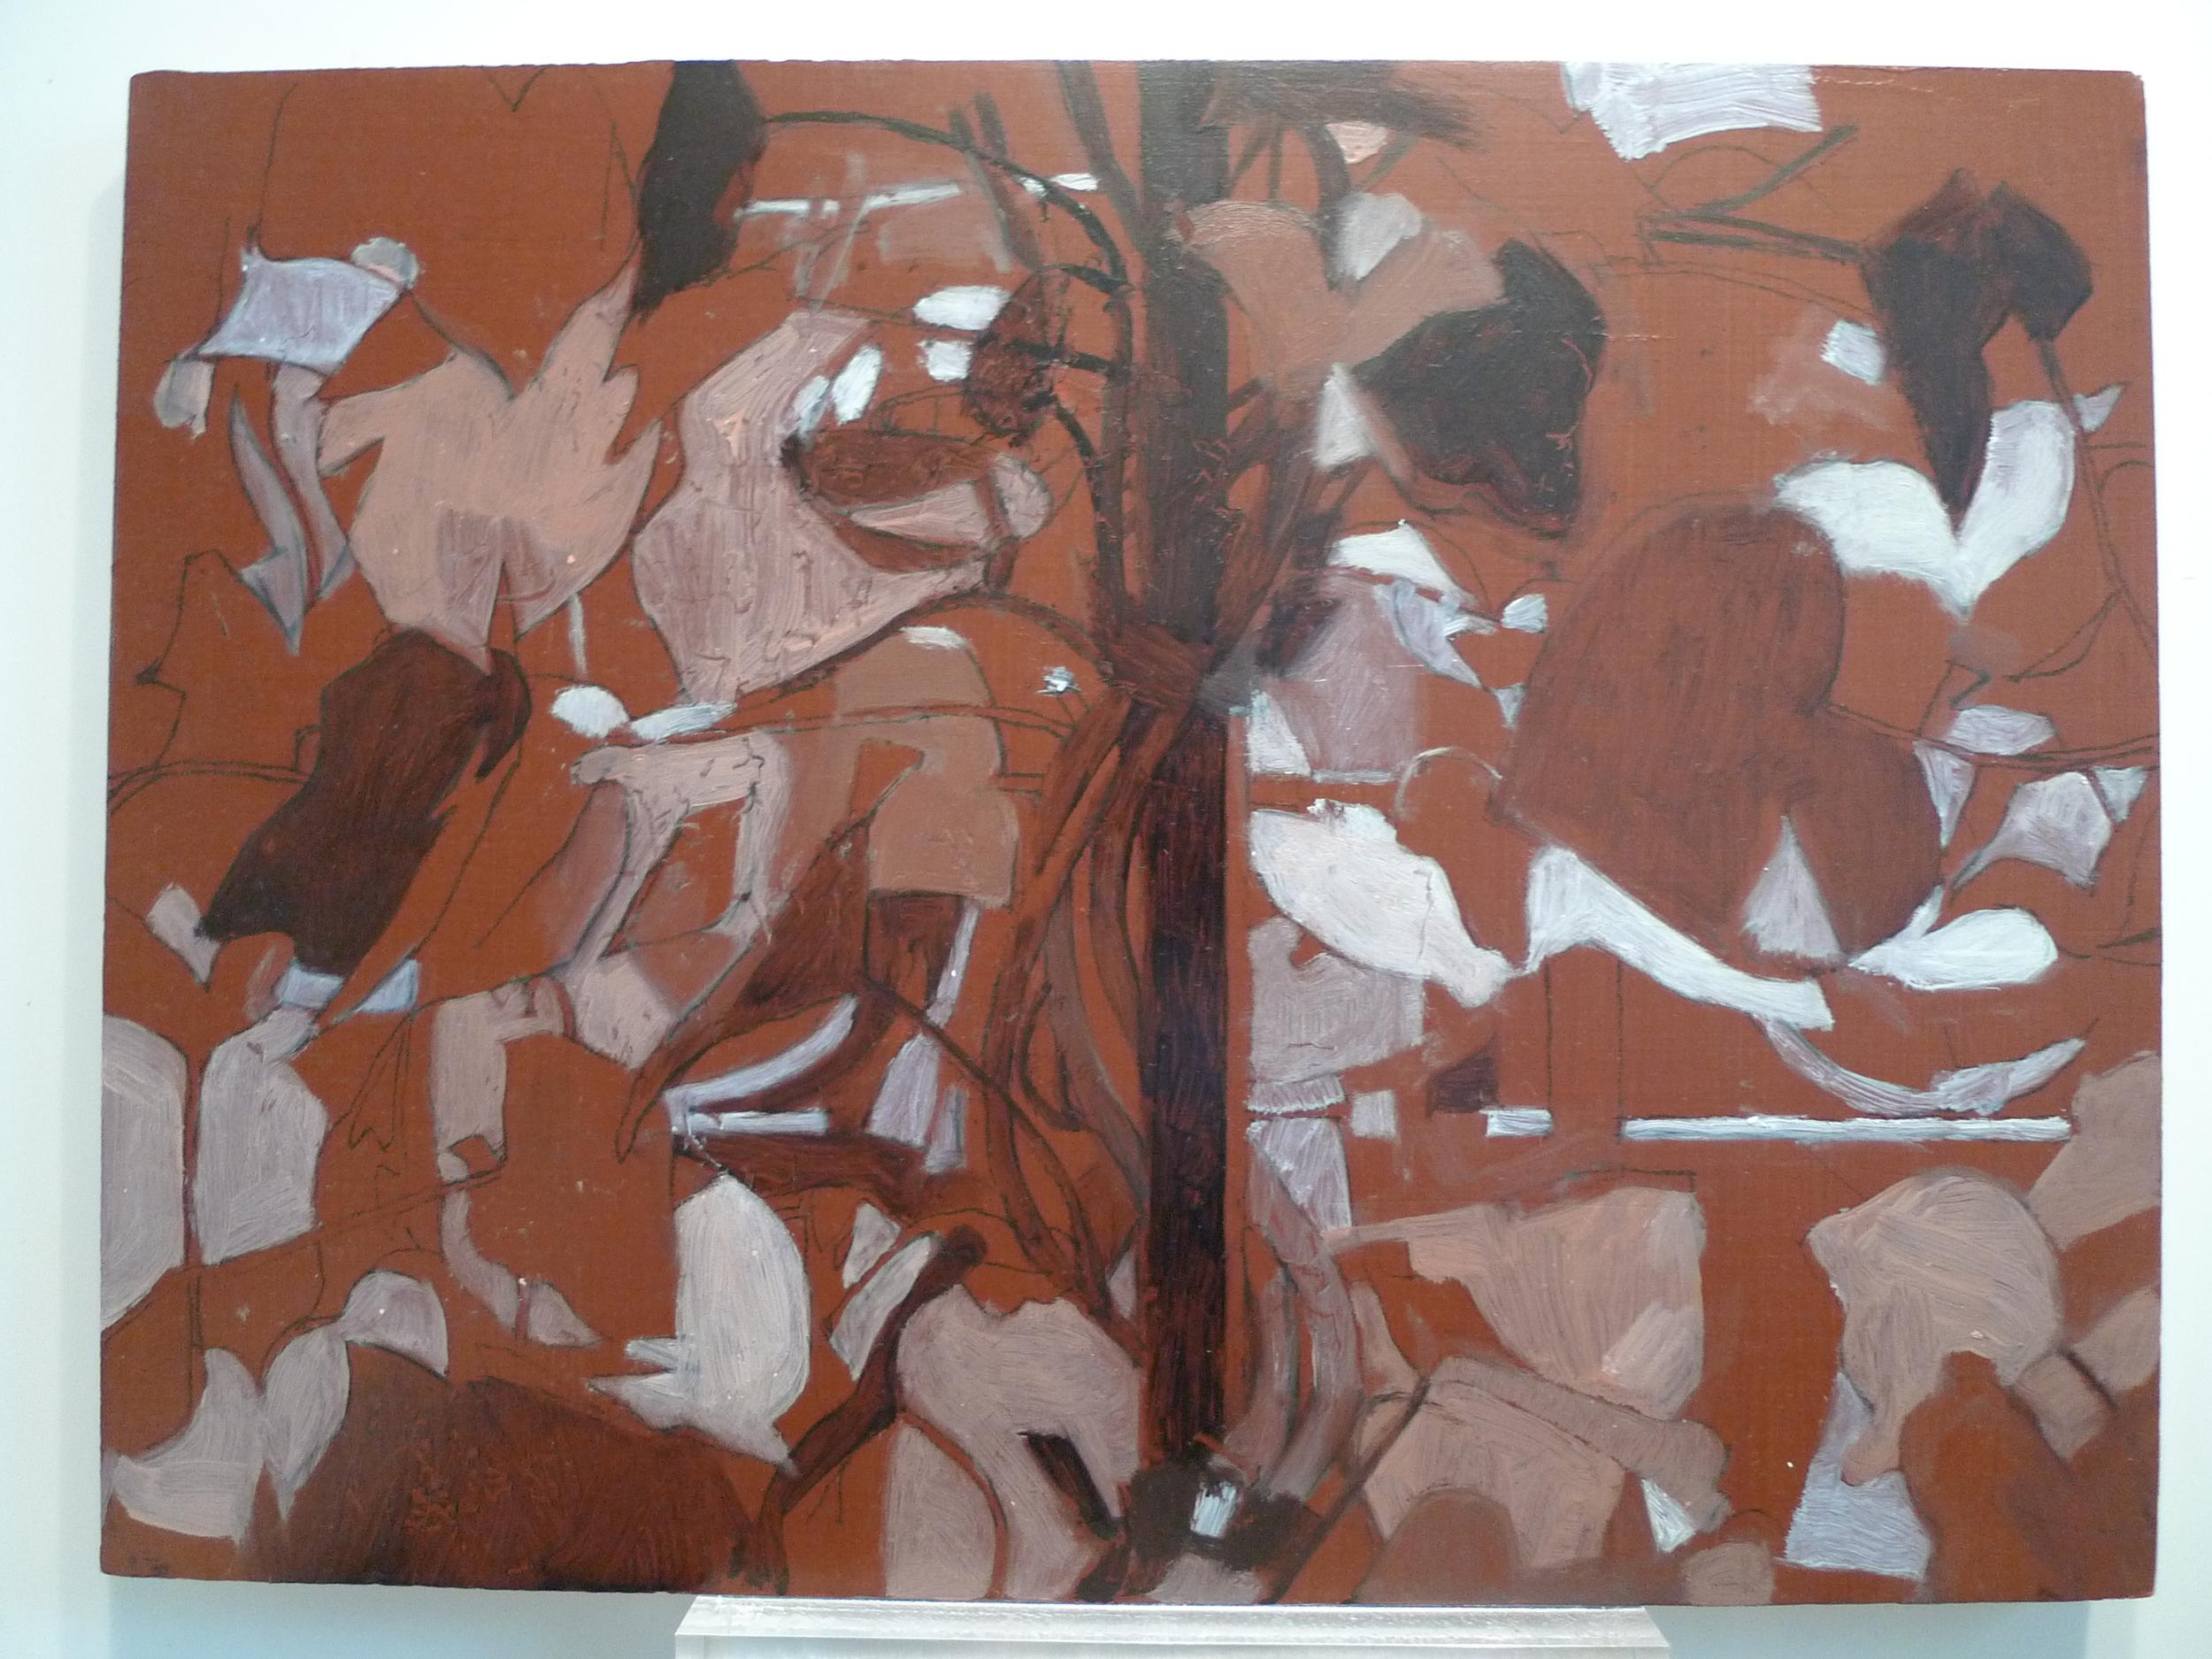 Oil on Board  9 x 12 inches Tarek Ashkar,2014